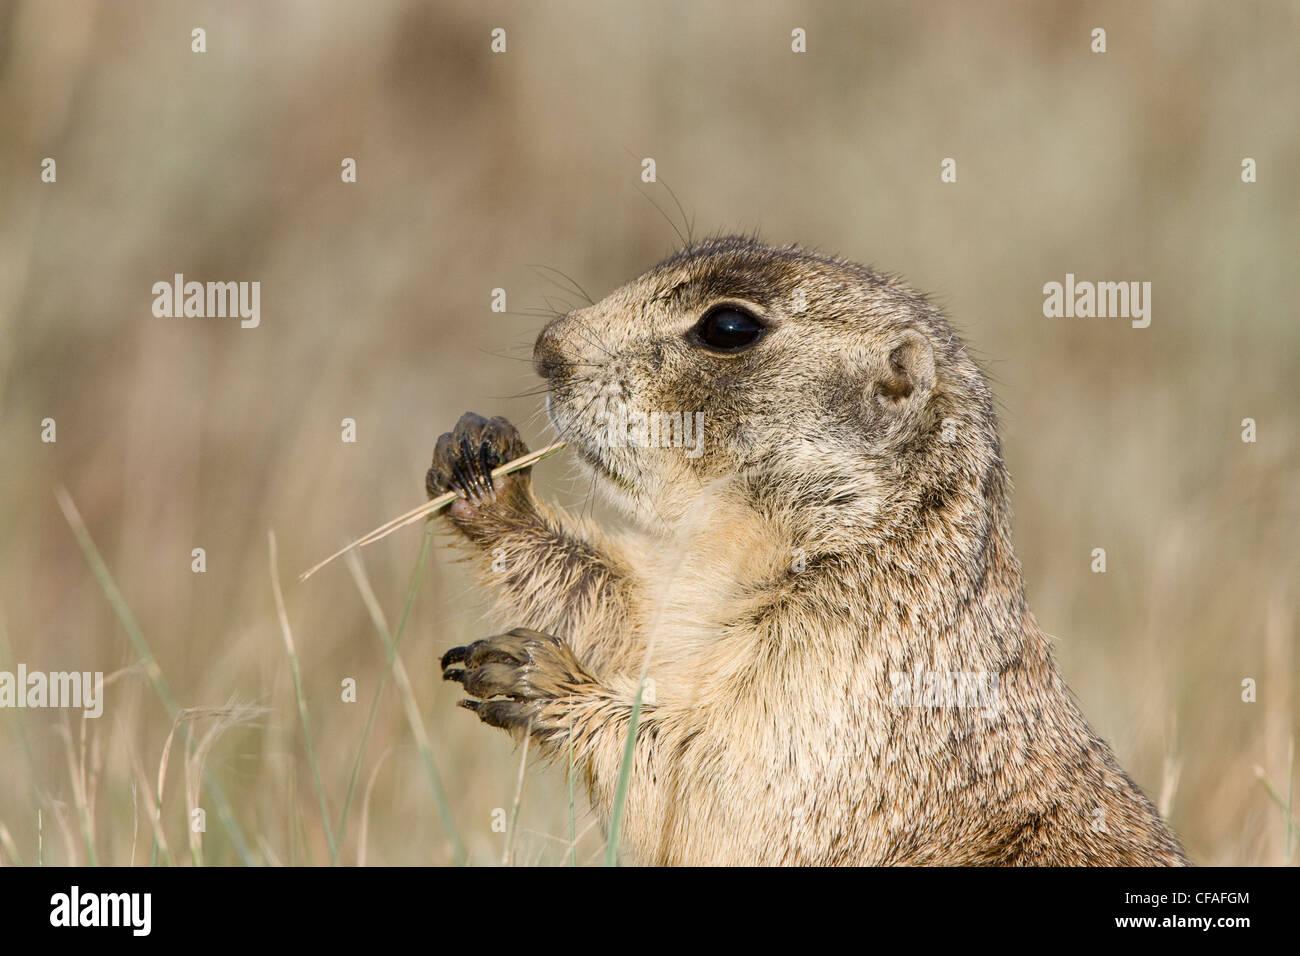 White-tailed prairie dog (Cynomys leucurus), eating, Arapaho National Wildlife Refuge, Colorado. - Stock Image